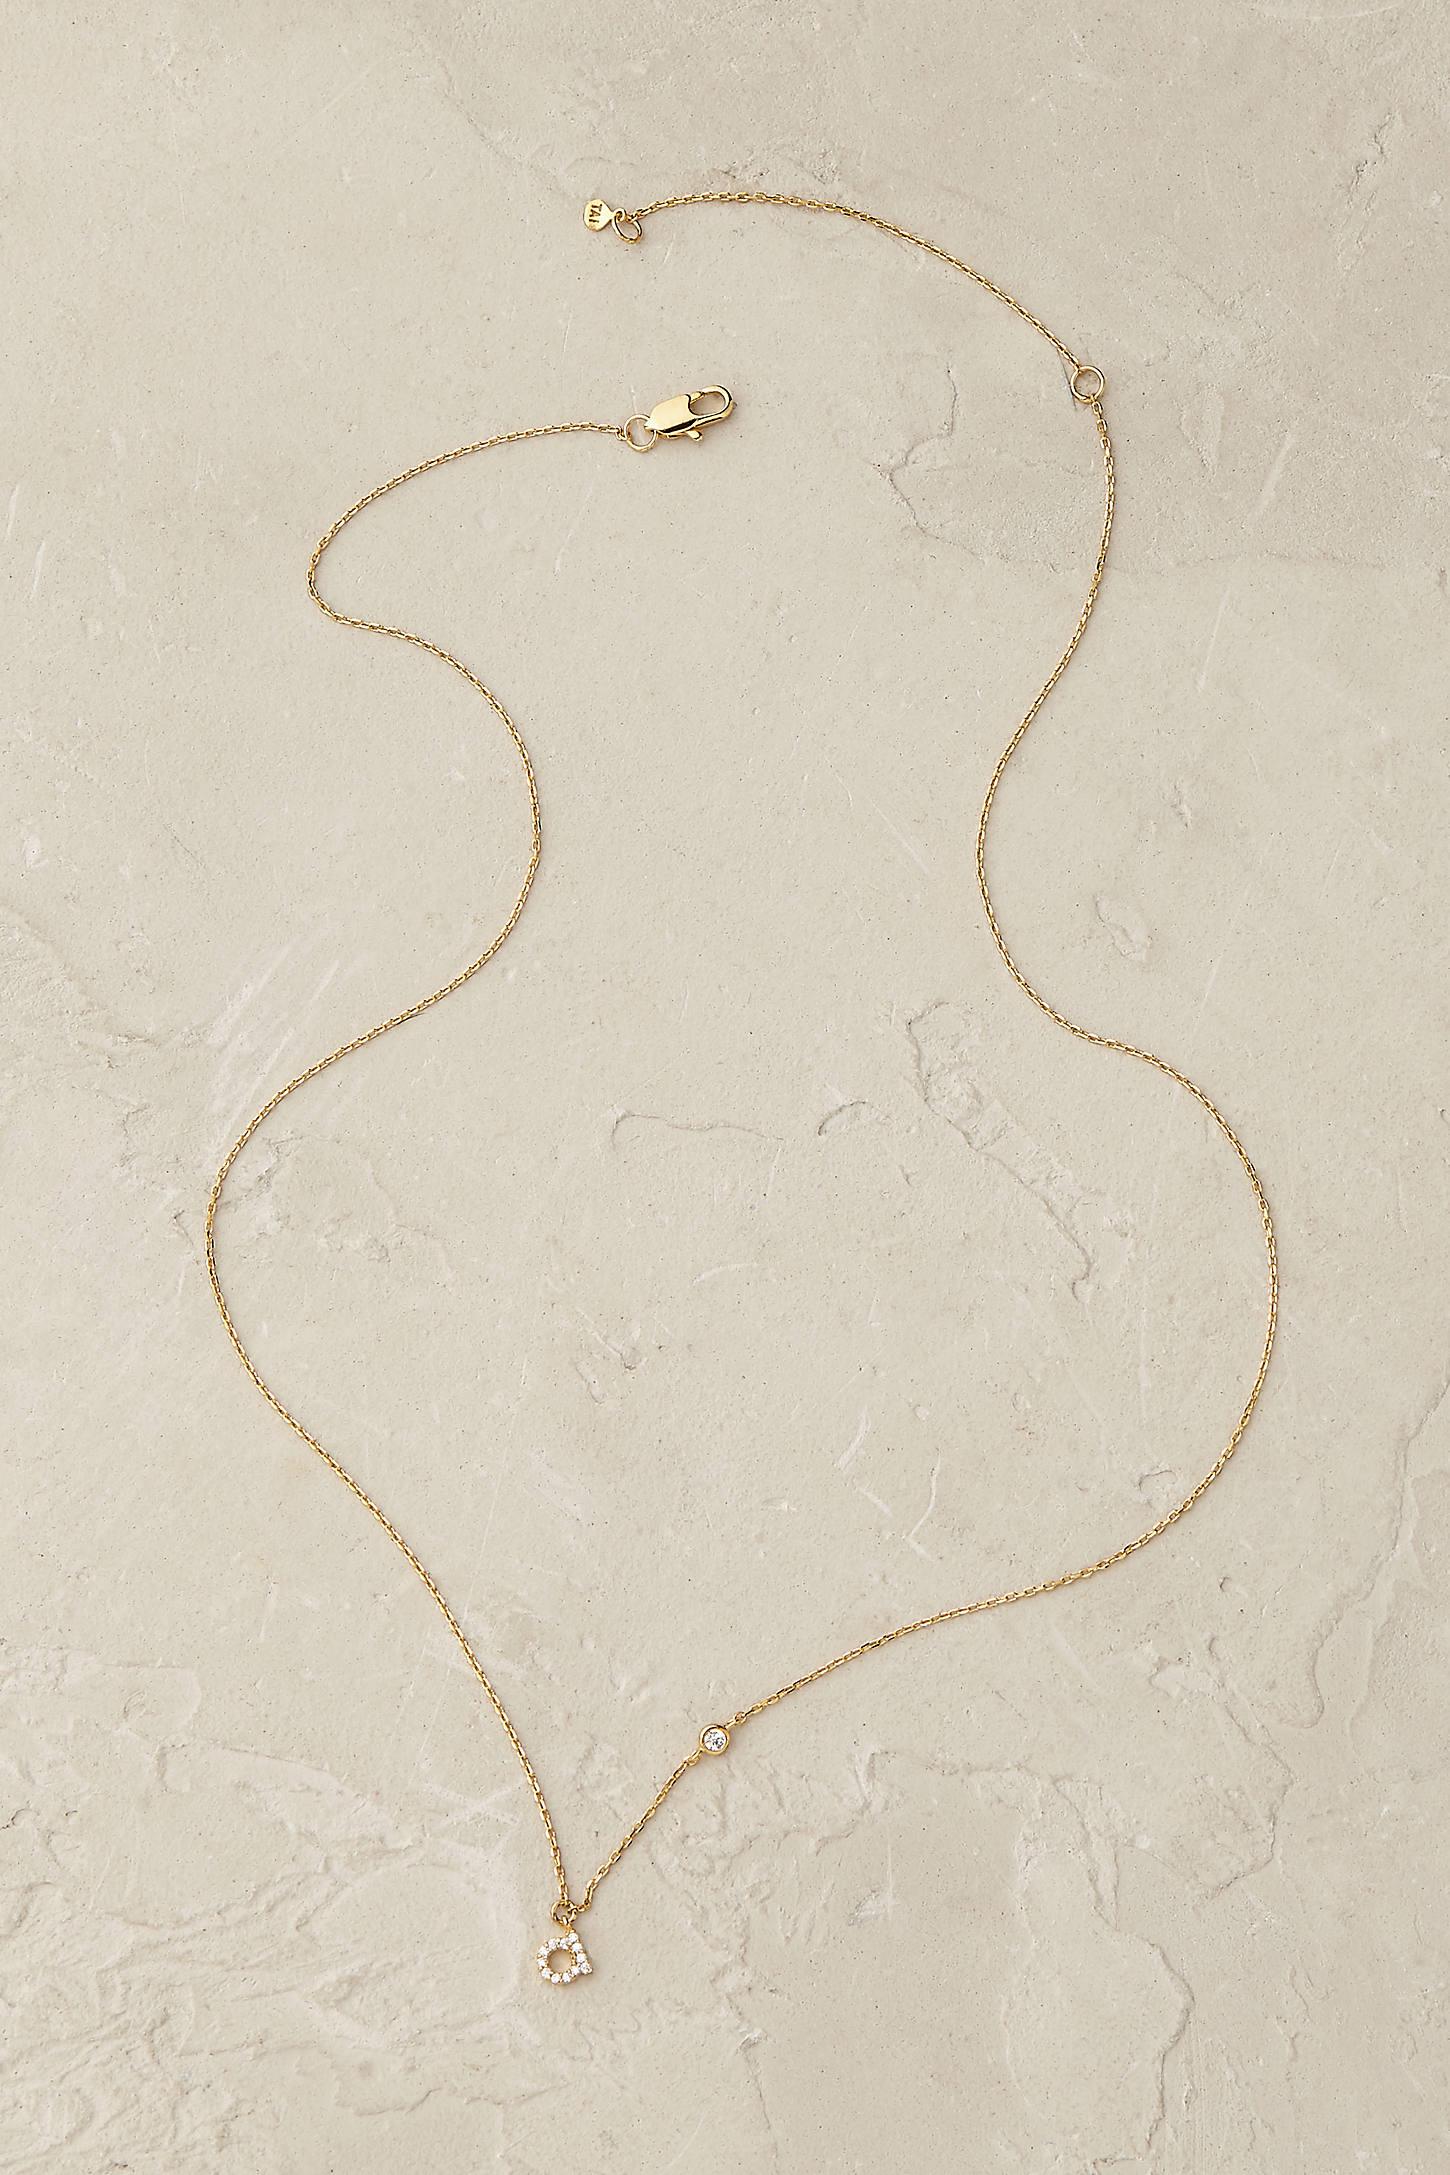 Shimmered Monogram Necklace